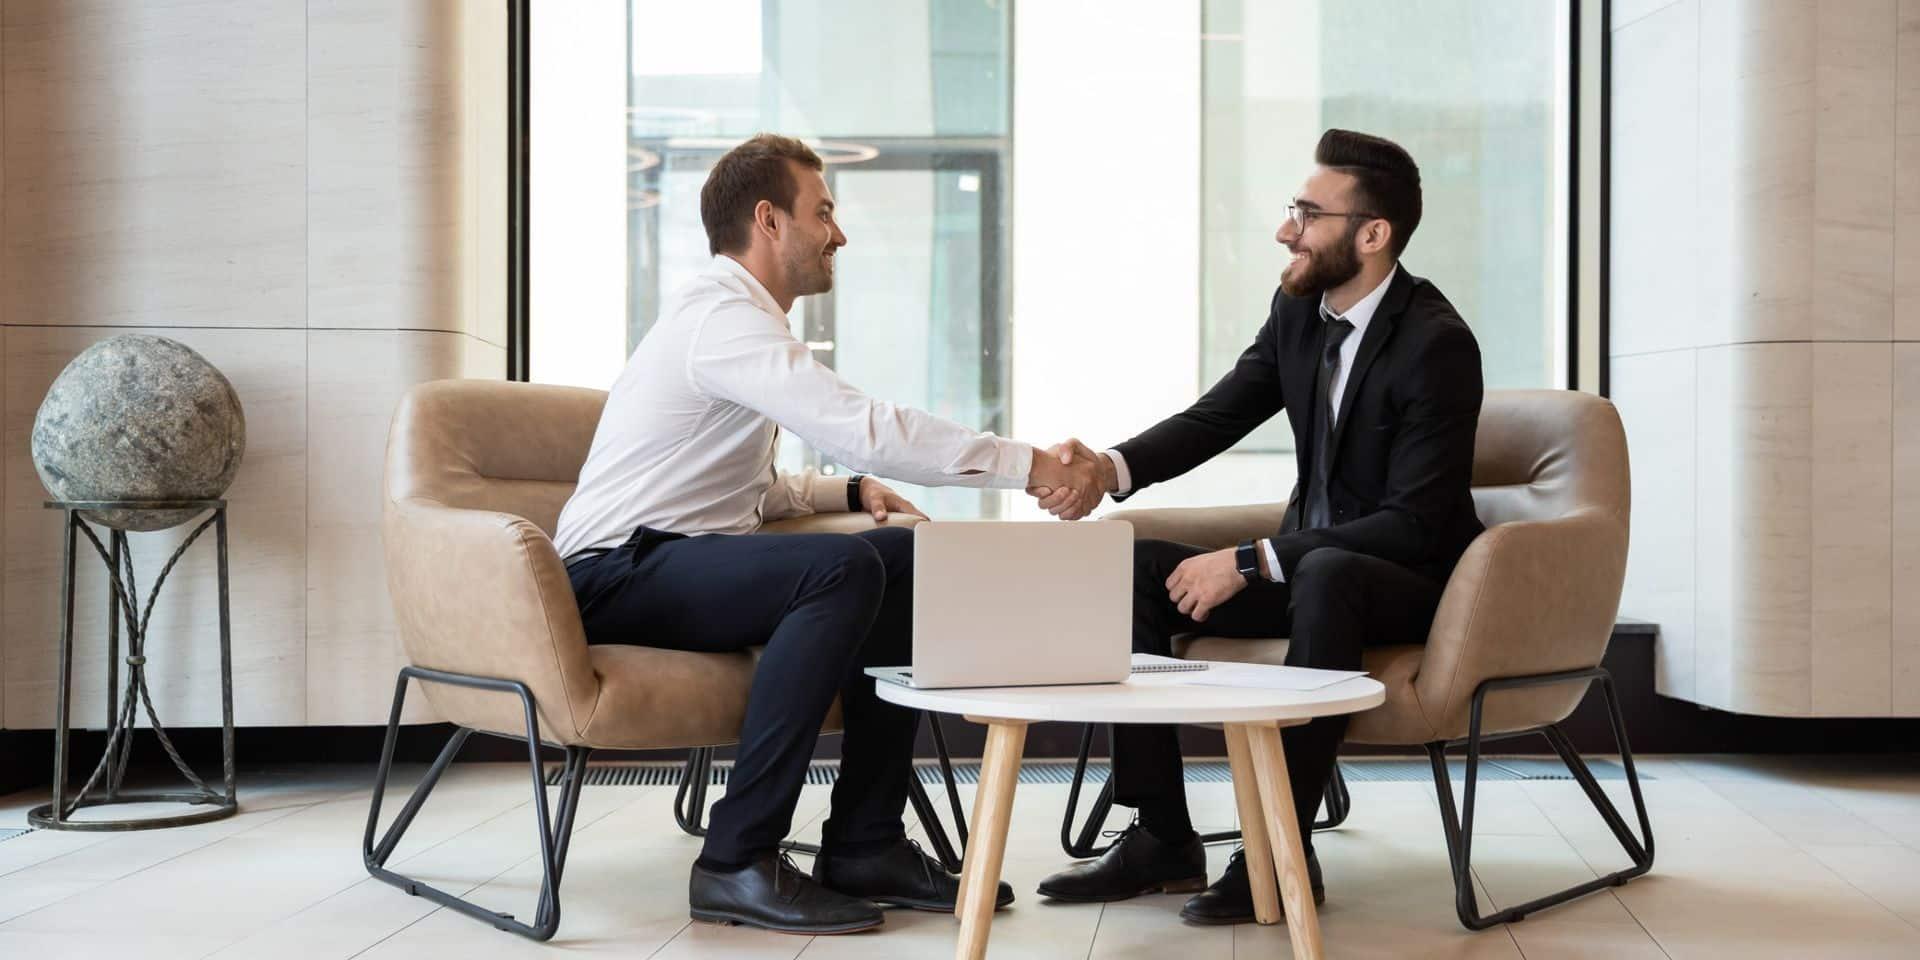 Les patrons belges plutôt optimistes: 60% des employeurs sont confiants quant au marché de l'emploi en 2021